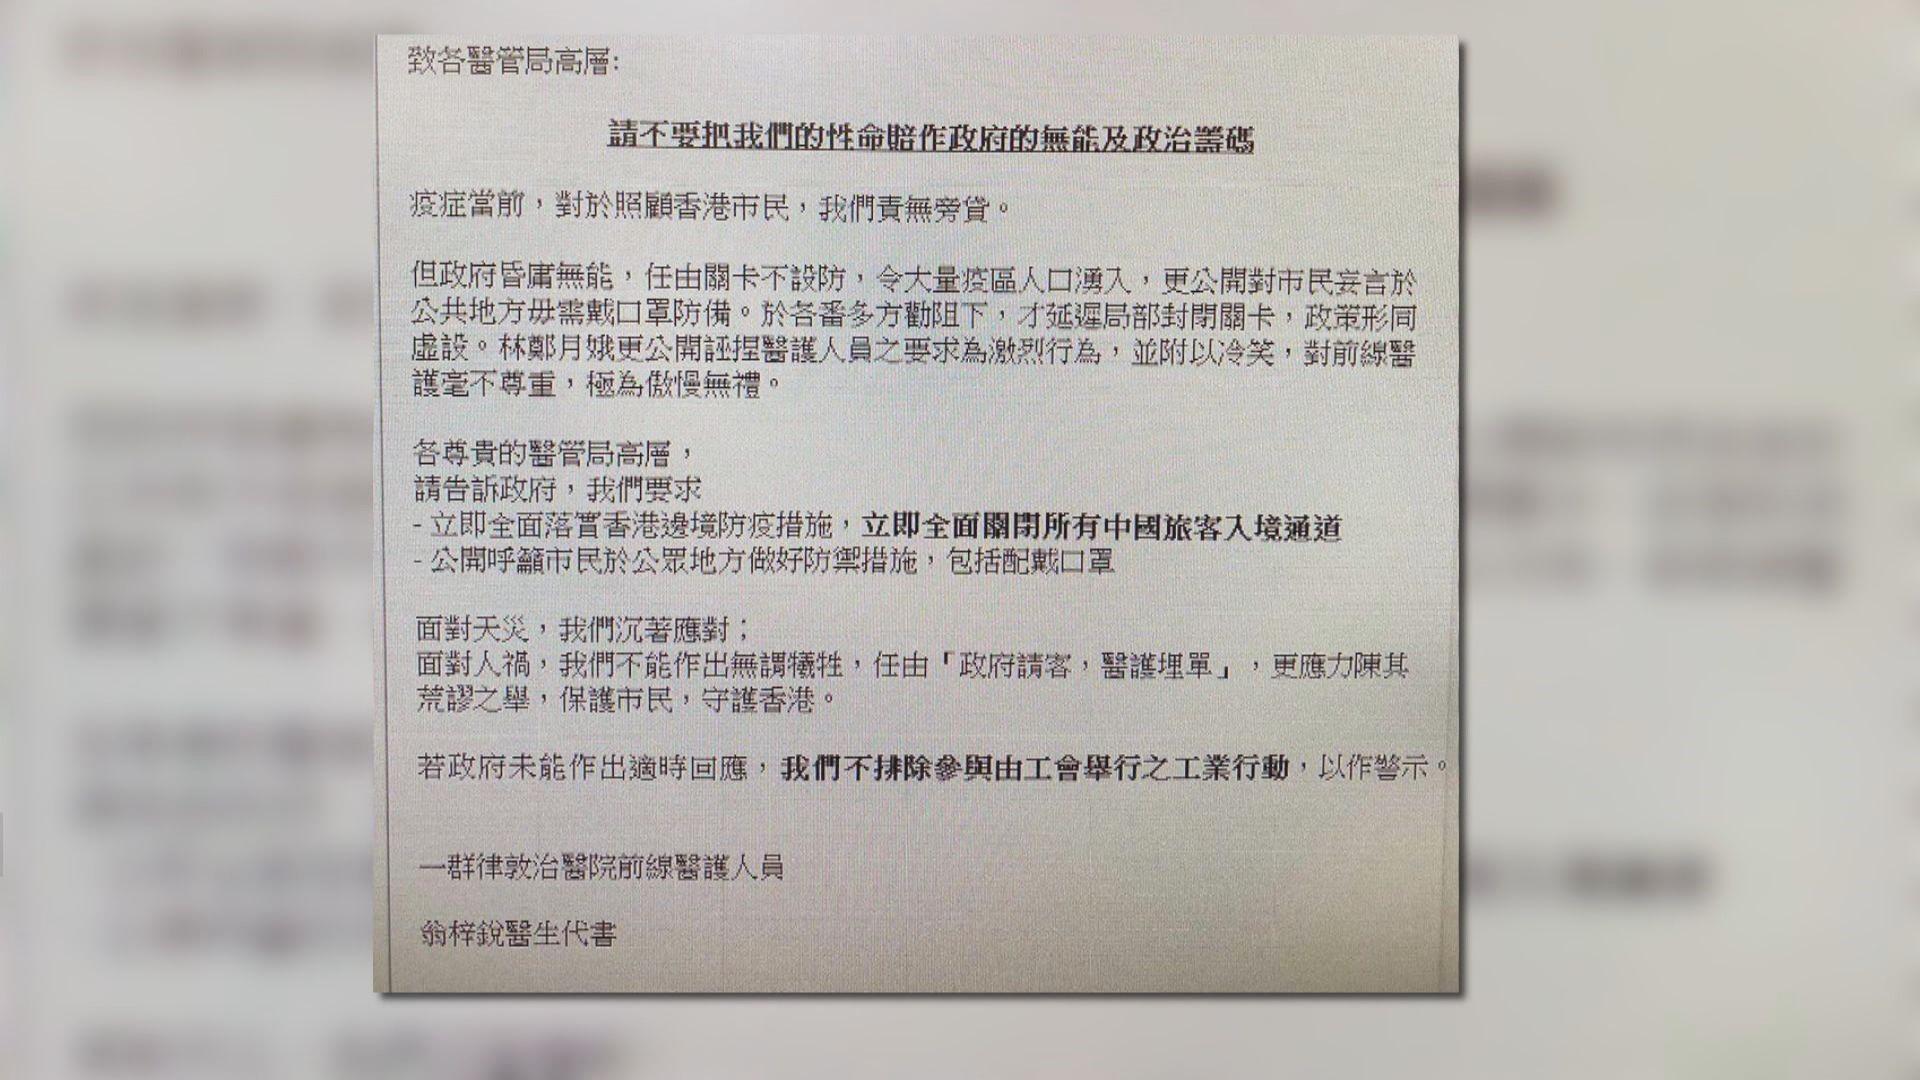 律敦治醫護發信促政府封關 不排除參與工業行動